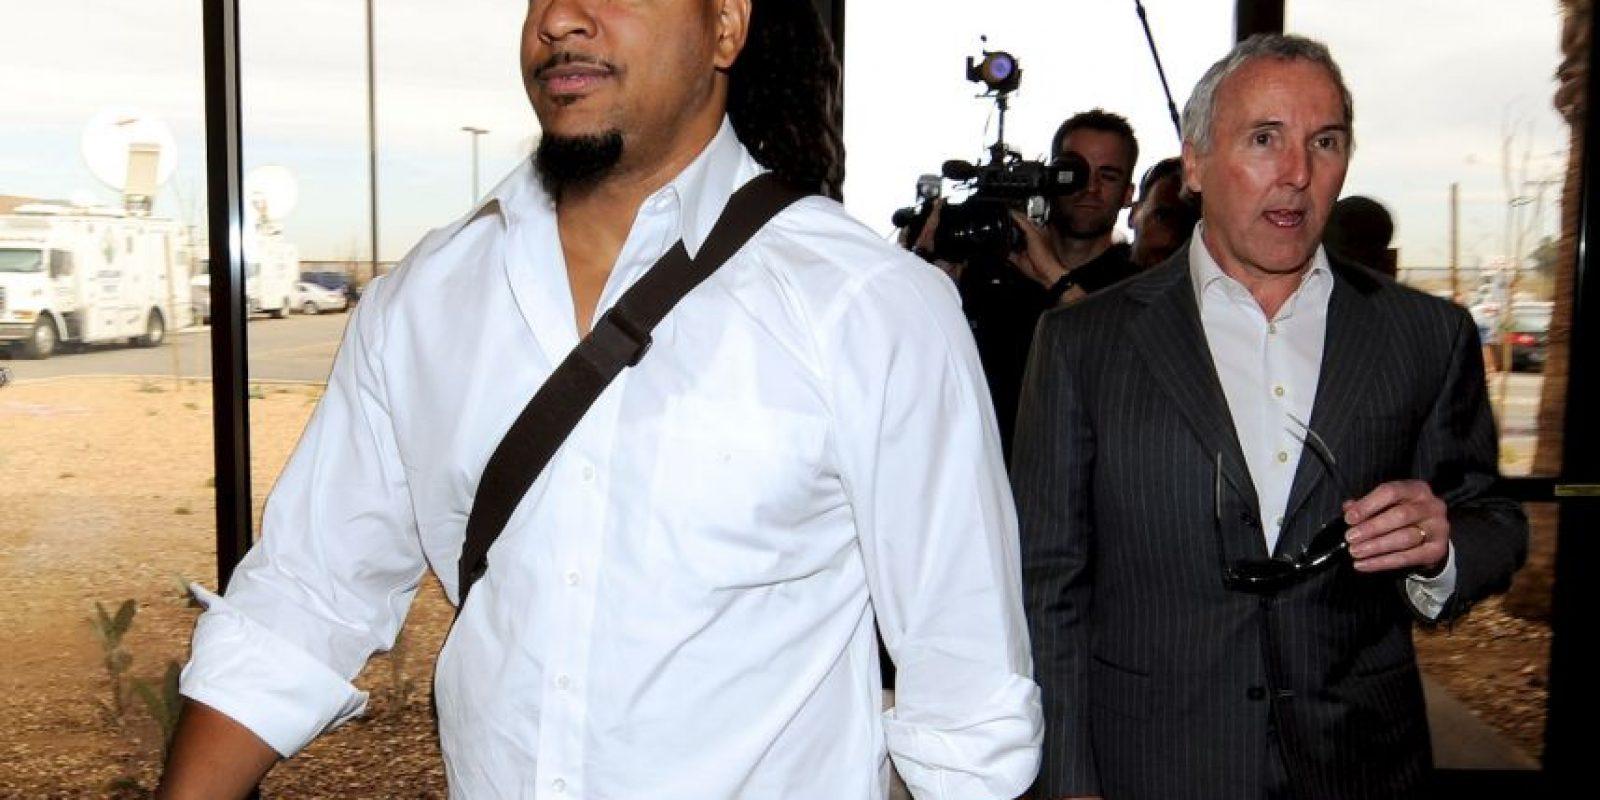 En 2011, el toletero golpeó a su esposa Juliana y fue encarcelado durante una noche en Fourt Lauderdale, Florida; pero tras pagar 2 mil 500 dólares de multa, salió en libertad. Foto:Getty Images